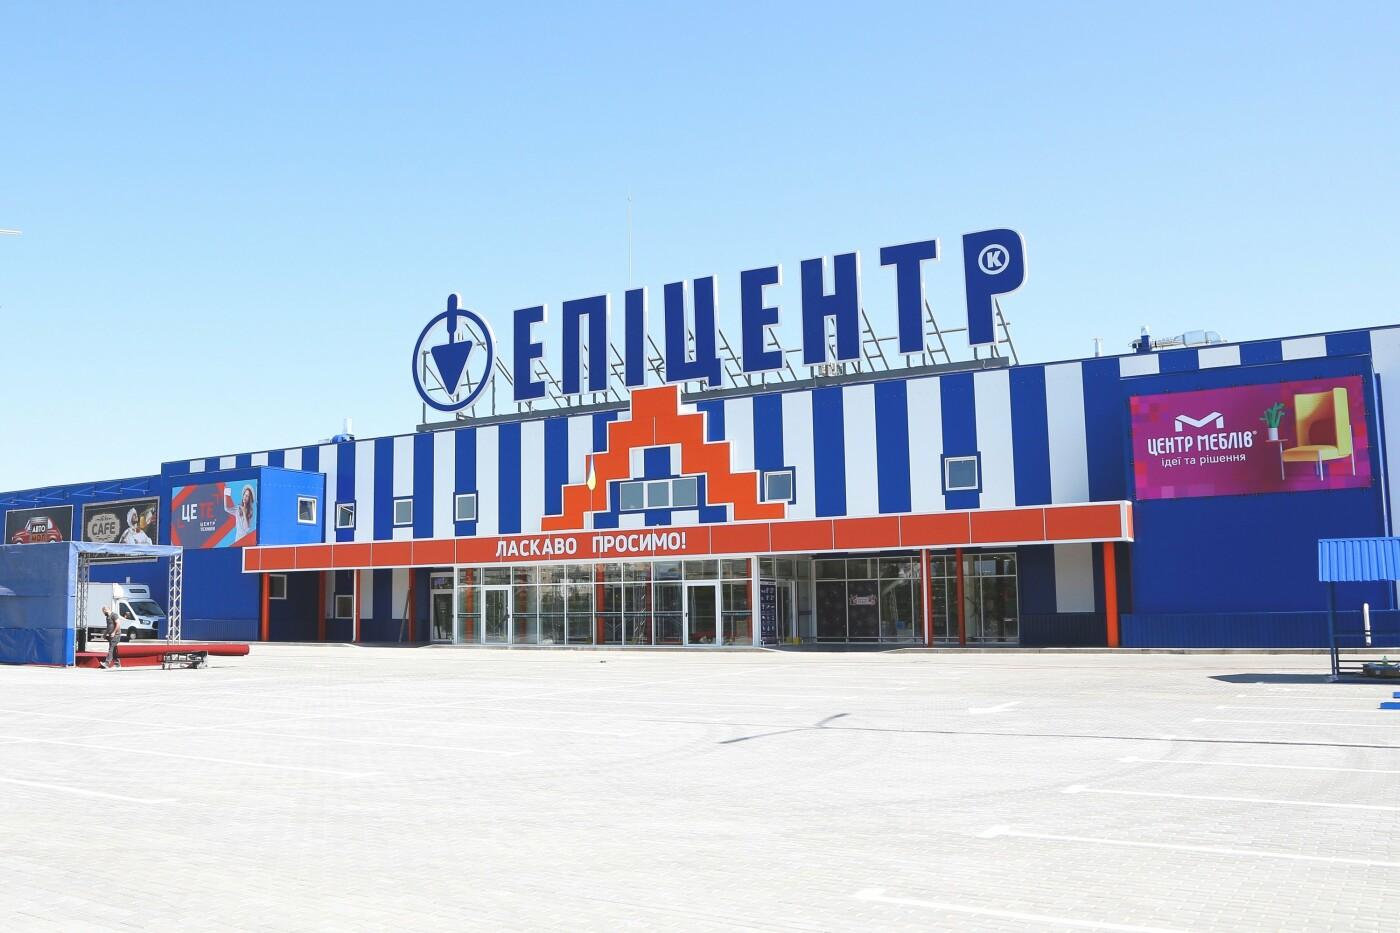 У Донецькій області відкривається сучасний торговий центр «Епіцентр», фото-2